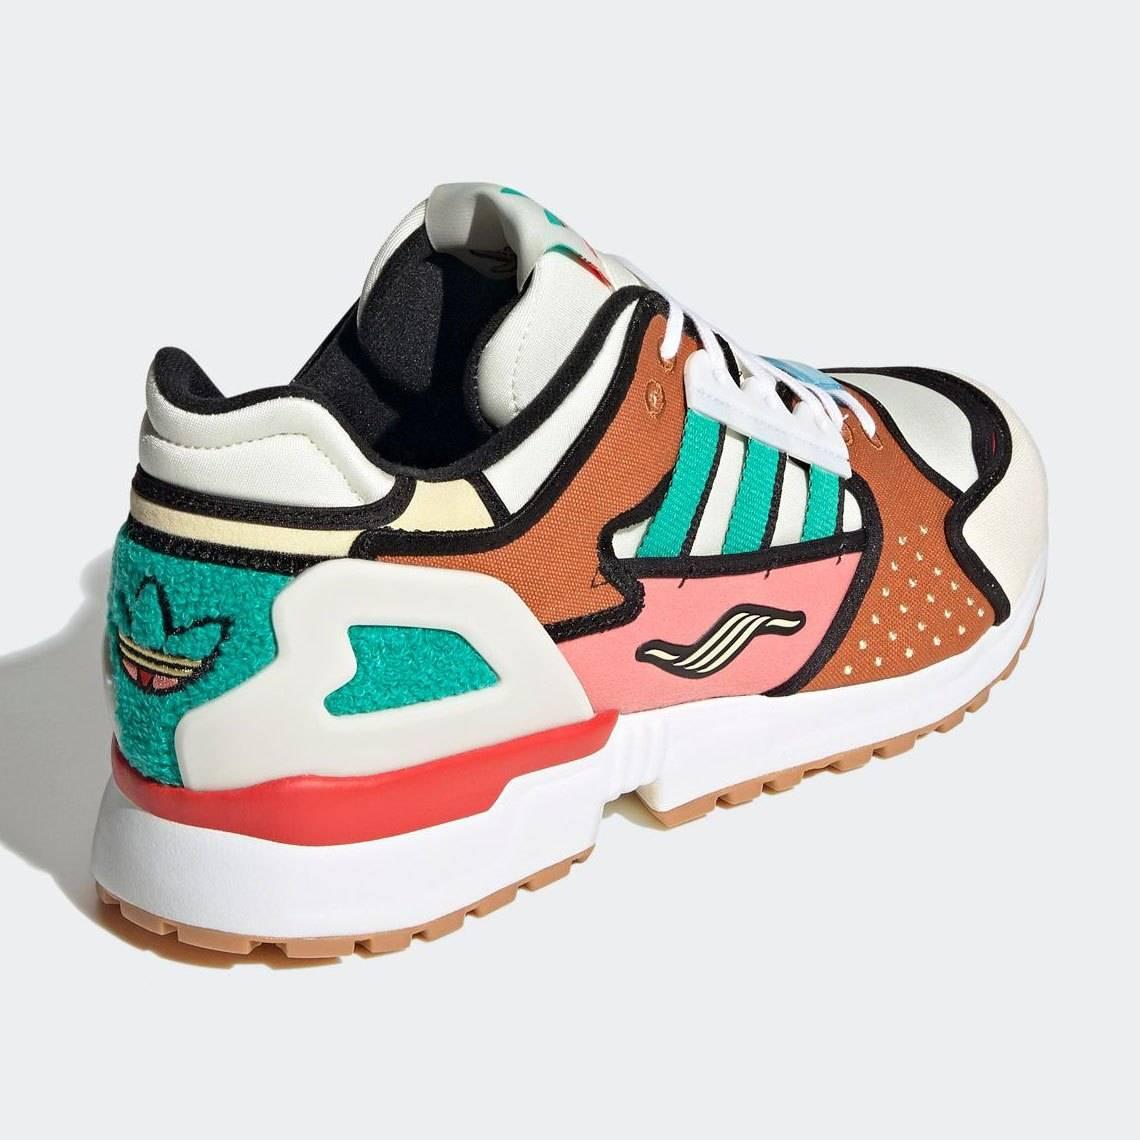 Zapatillas de Adidas Krusty